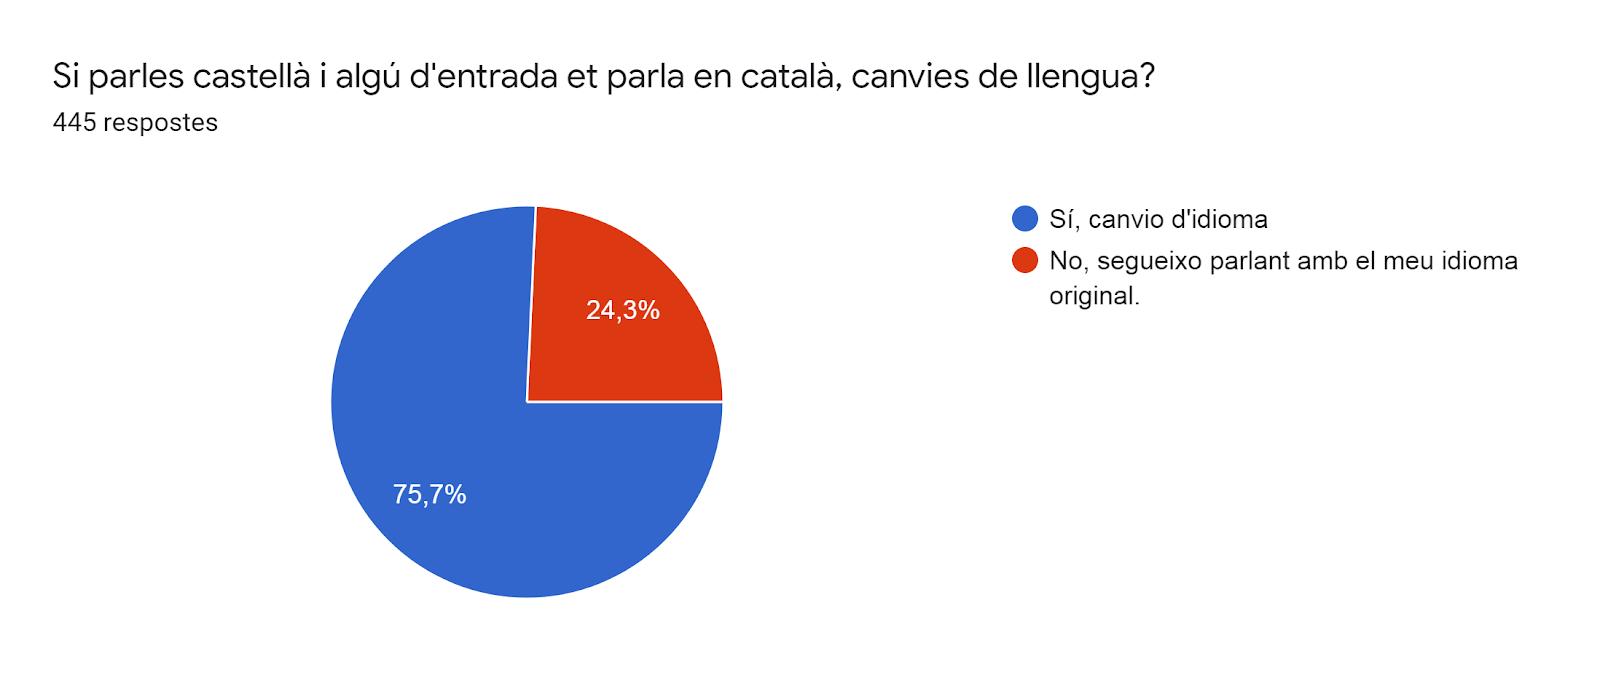 Gràfic de respostes de Formularis. Títol de la pregunta: Si parles castellà i algú d'entrada et parla en català, canvies de llengua?. Nombre de respostes: 445 respostes.